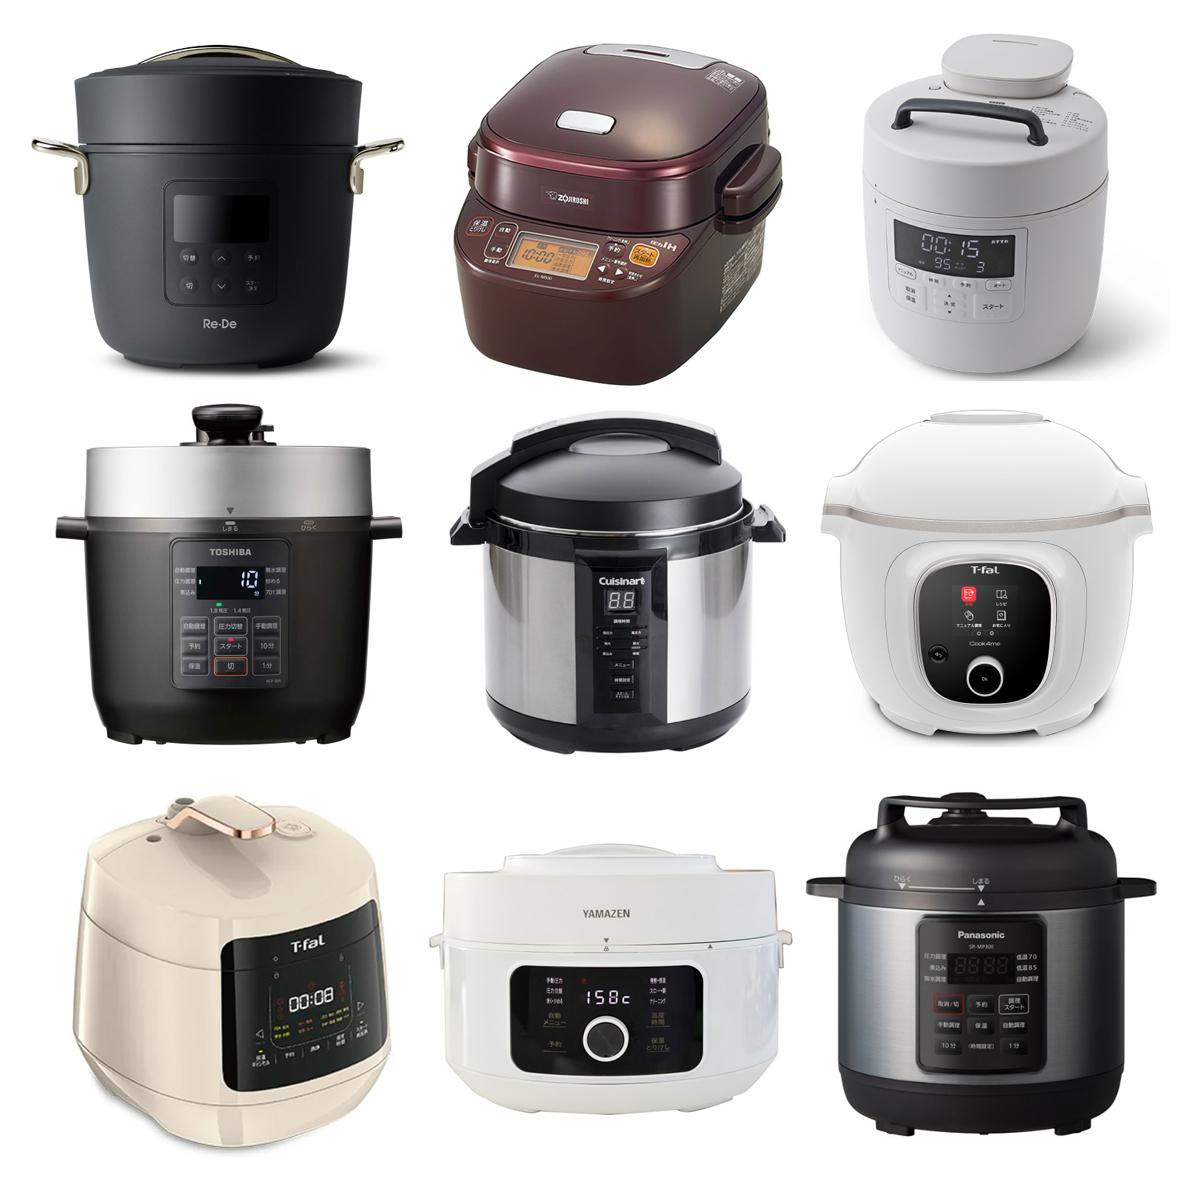 《2020年》人気の電気圧力鍋おすすめ12選! 安全・簡単・時短調理に便利